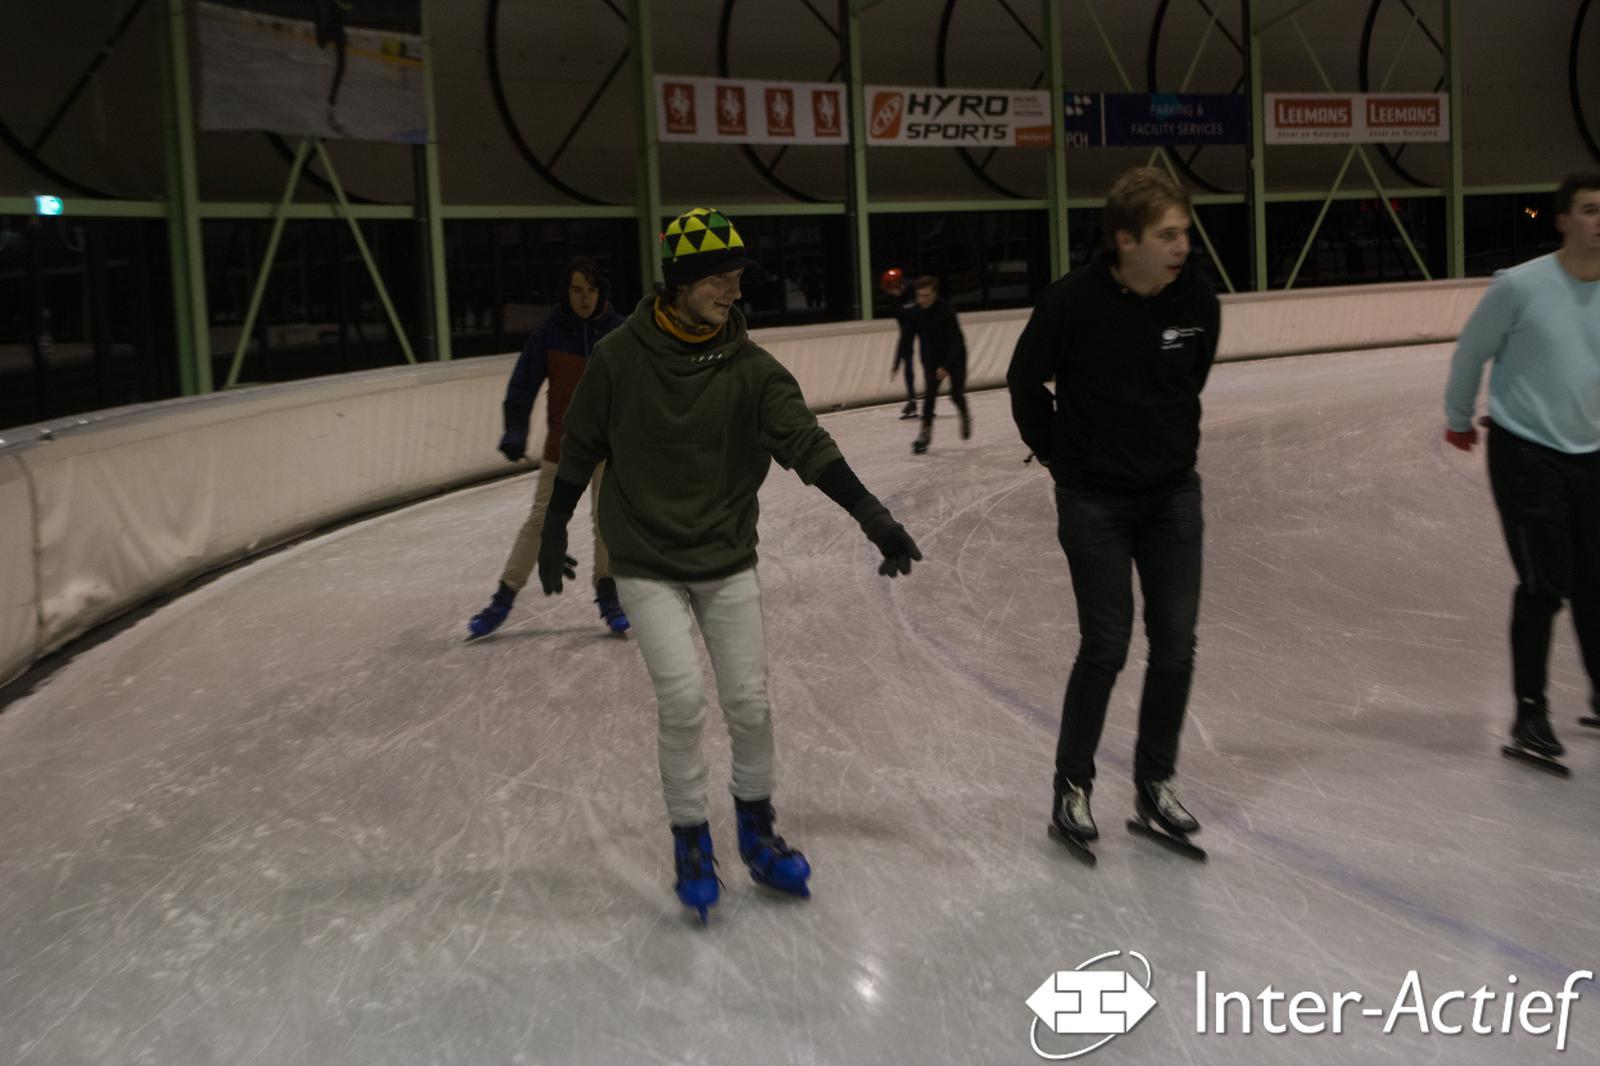 IceSkating20200116_NielsdeGroot-55.jpg